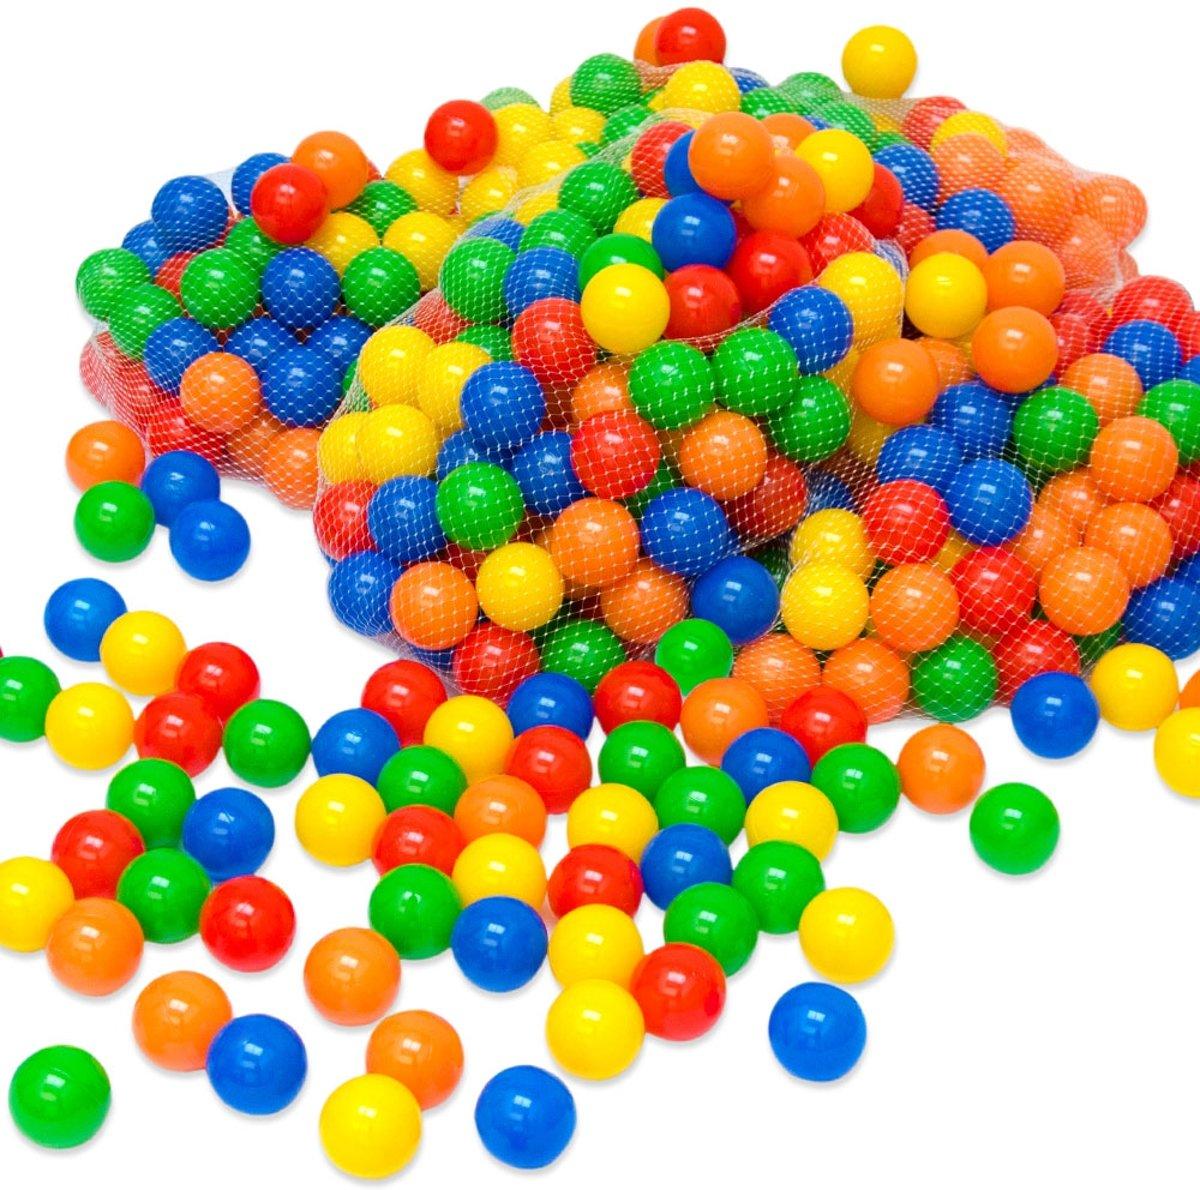 600 Kleurrijke ballenbadballen 5,5cm   plastic ballen kinderballen babyballen   kinderen baby puppy